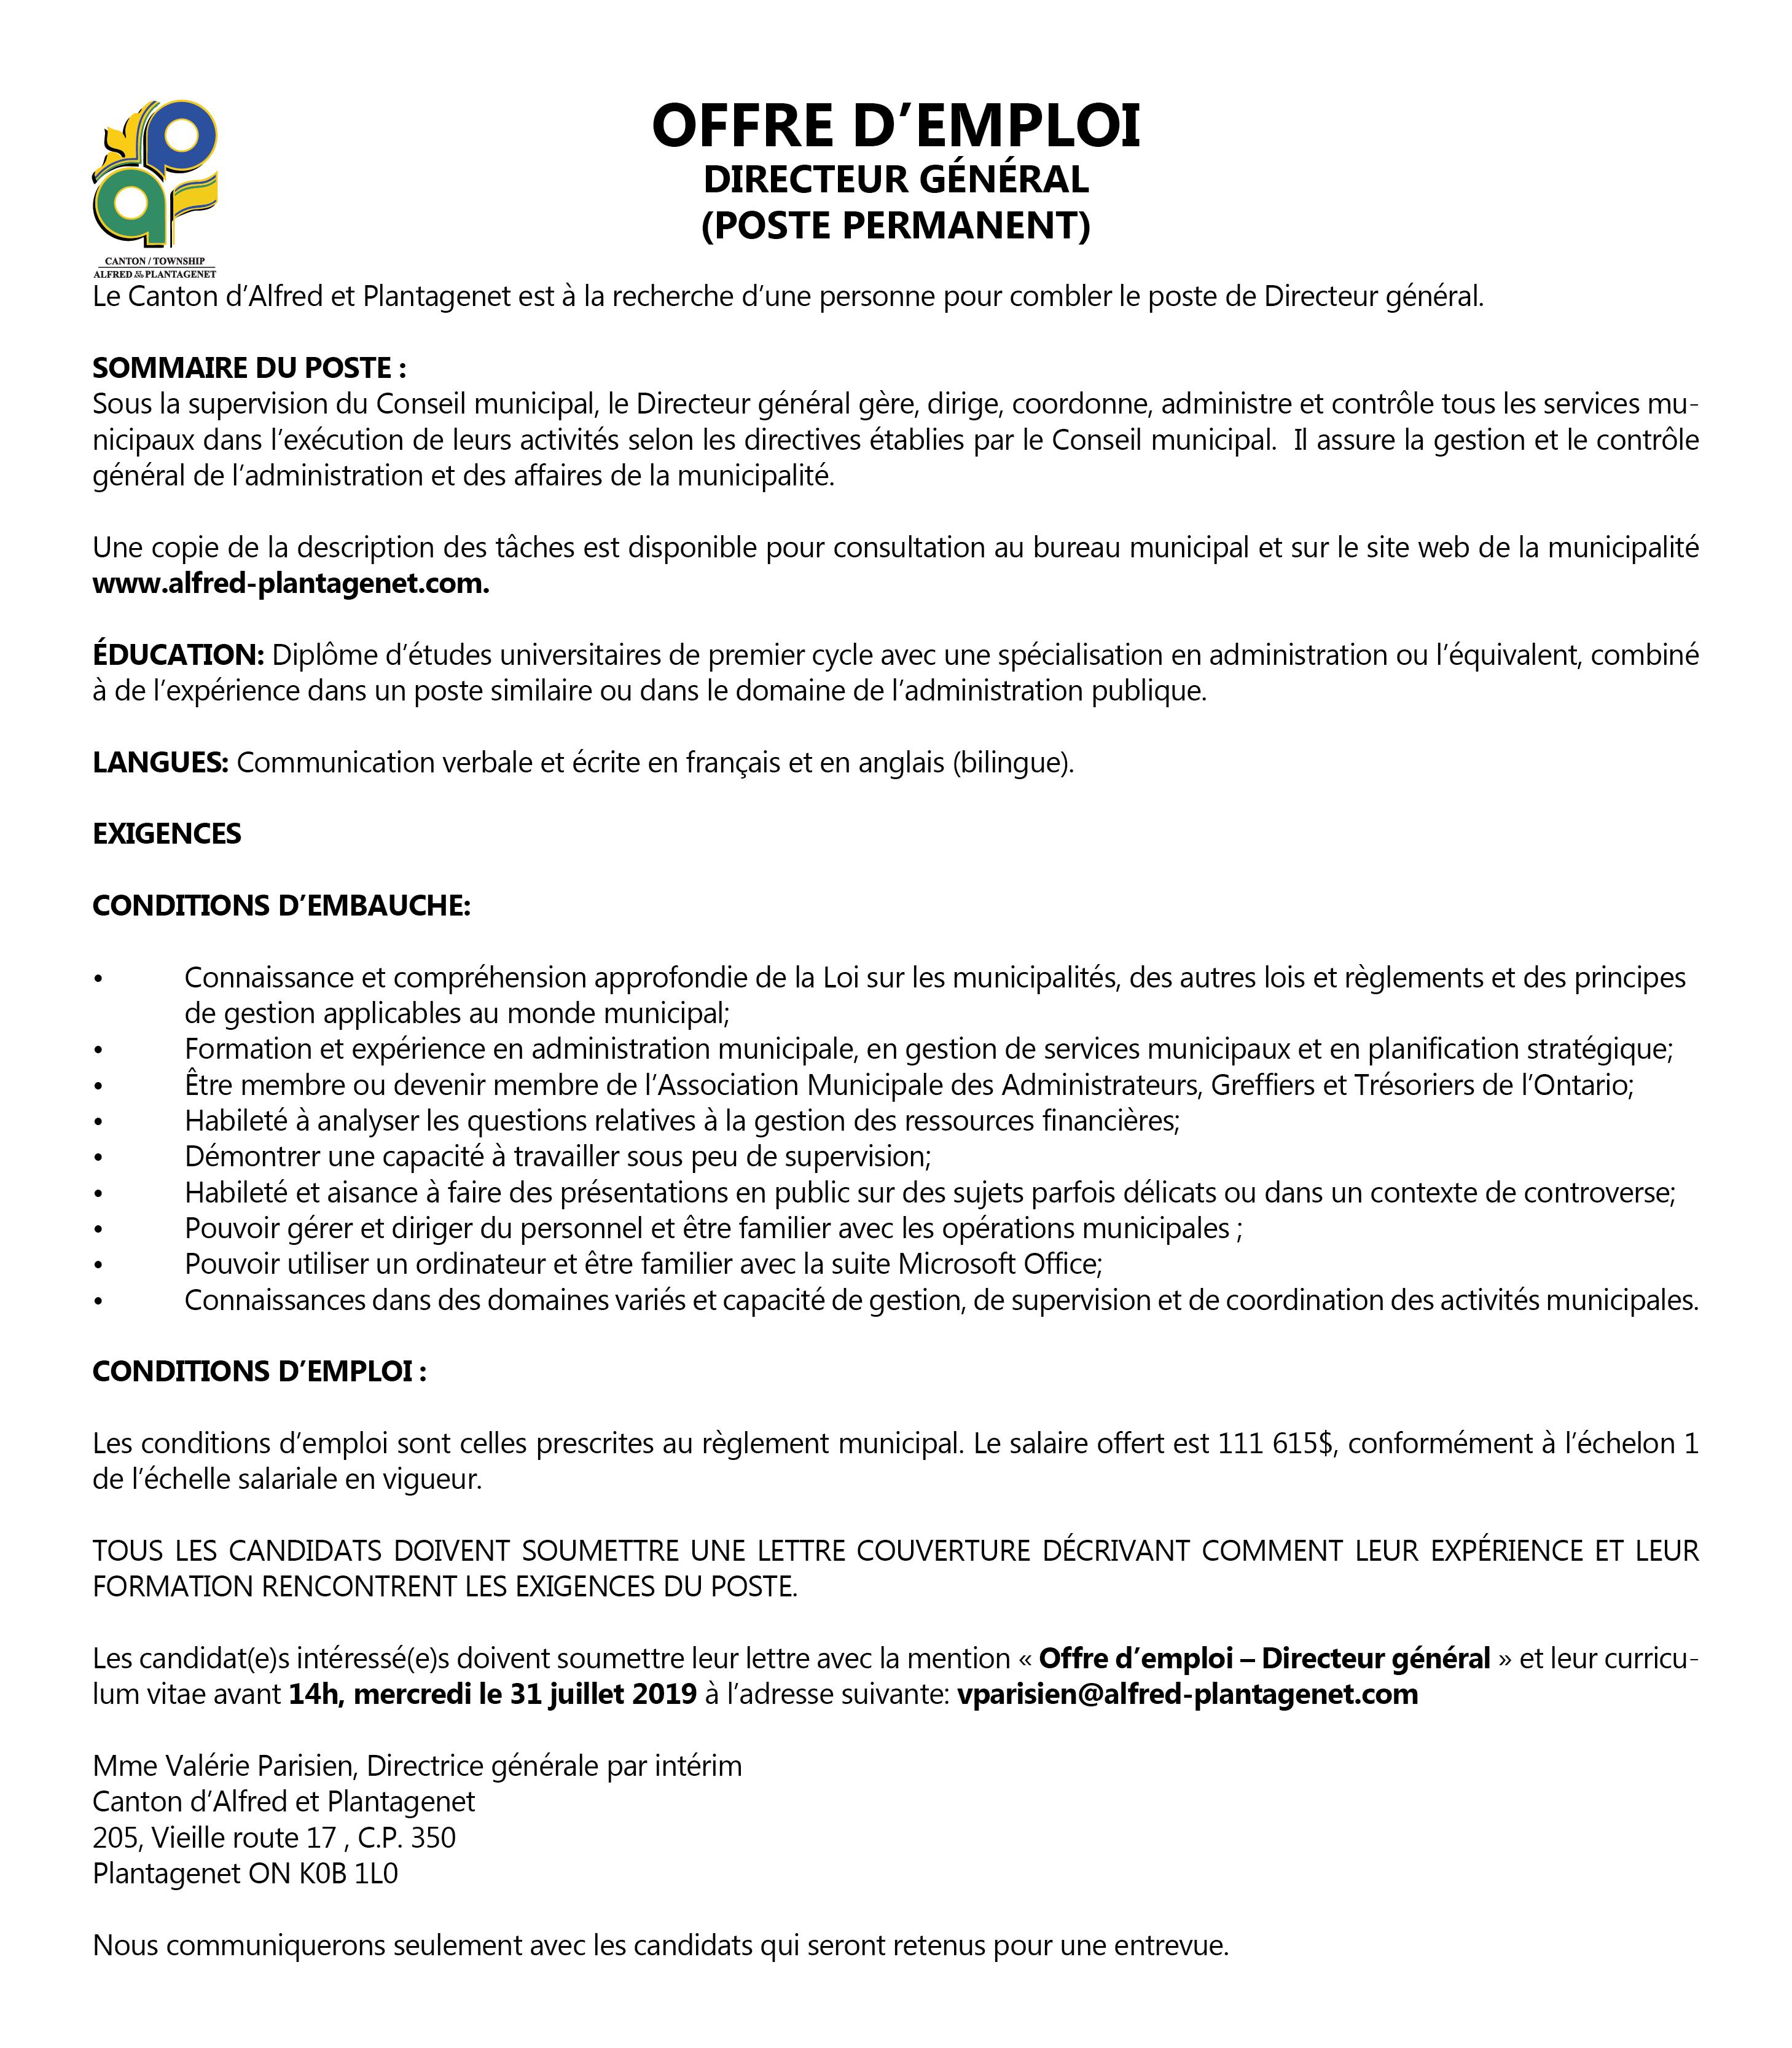 FB_template_offre d'emploi_DG_FR